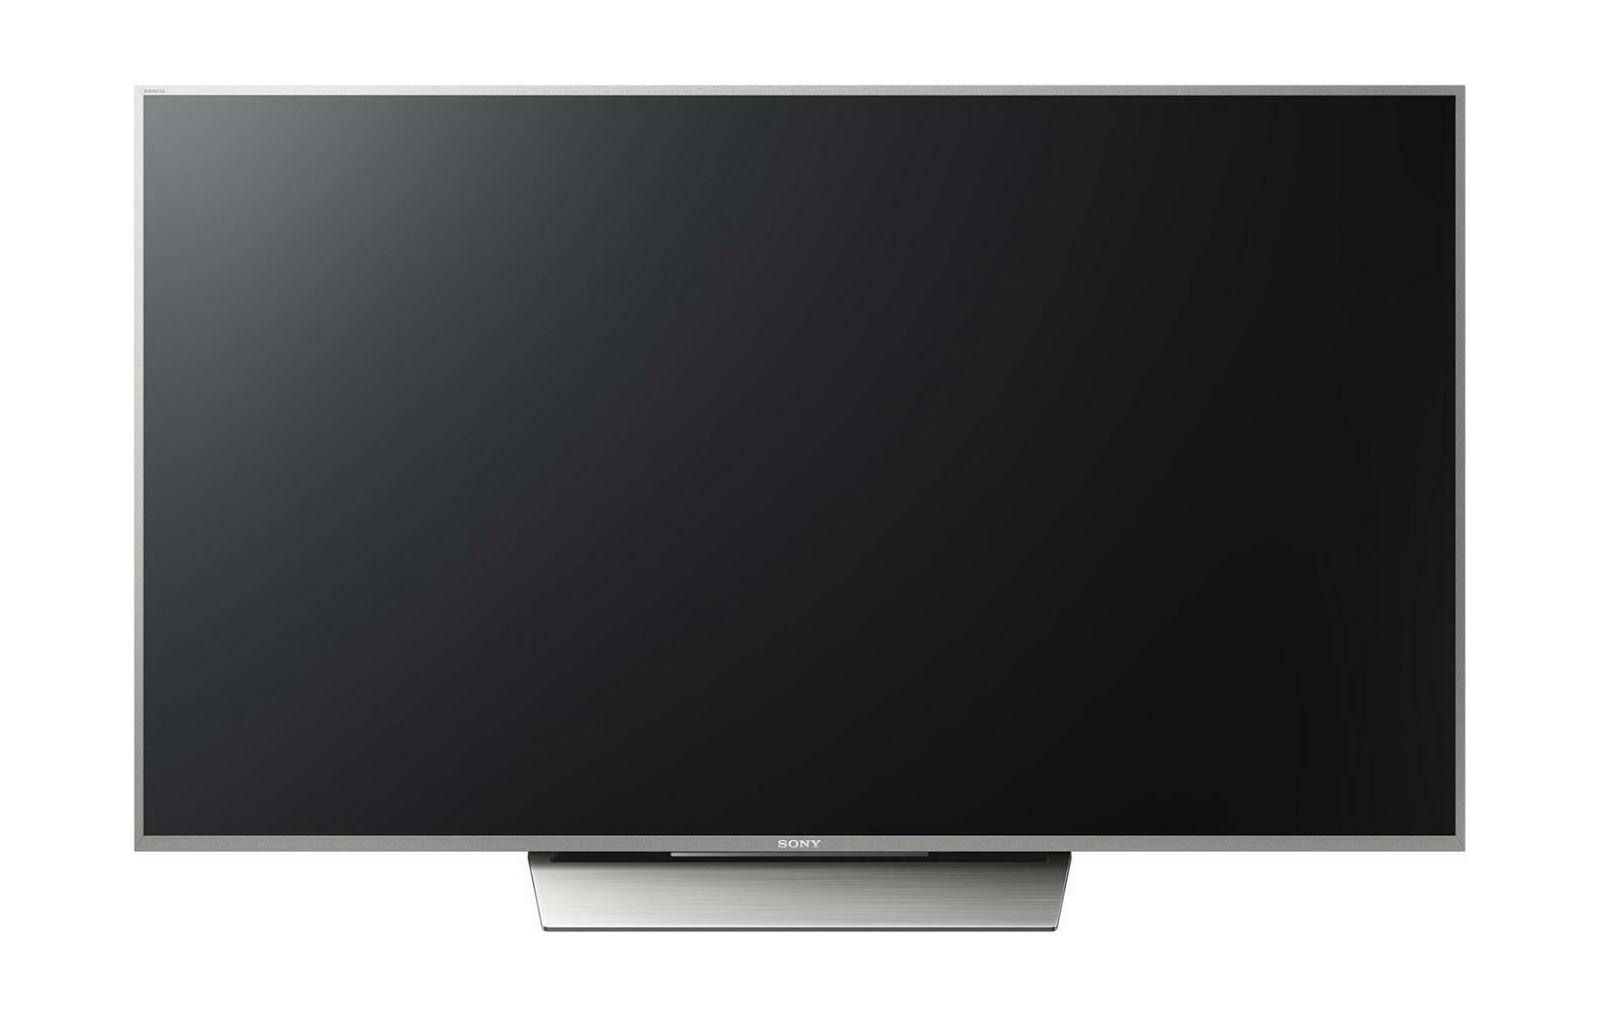 شاشات وتلفزيونات سوني Sony في البحرين